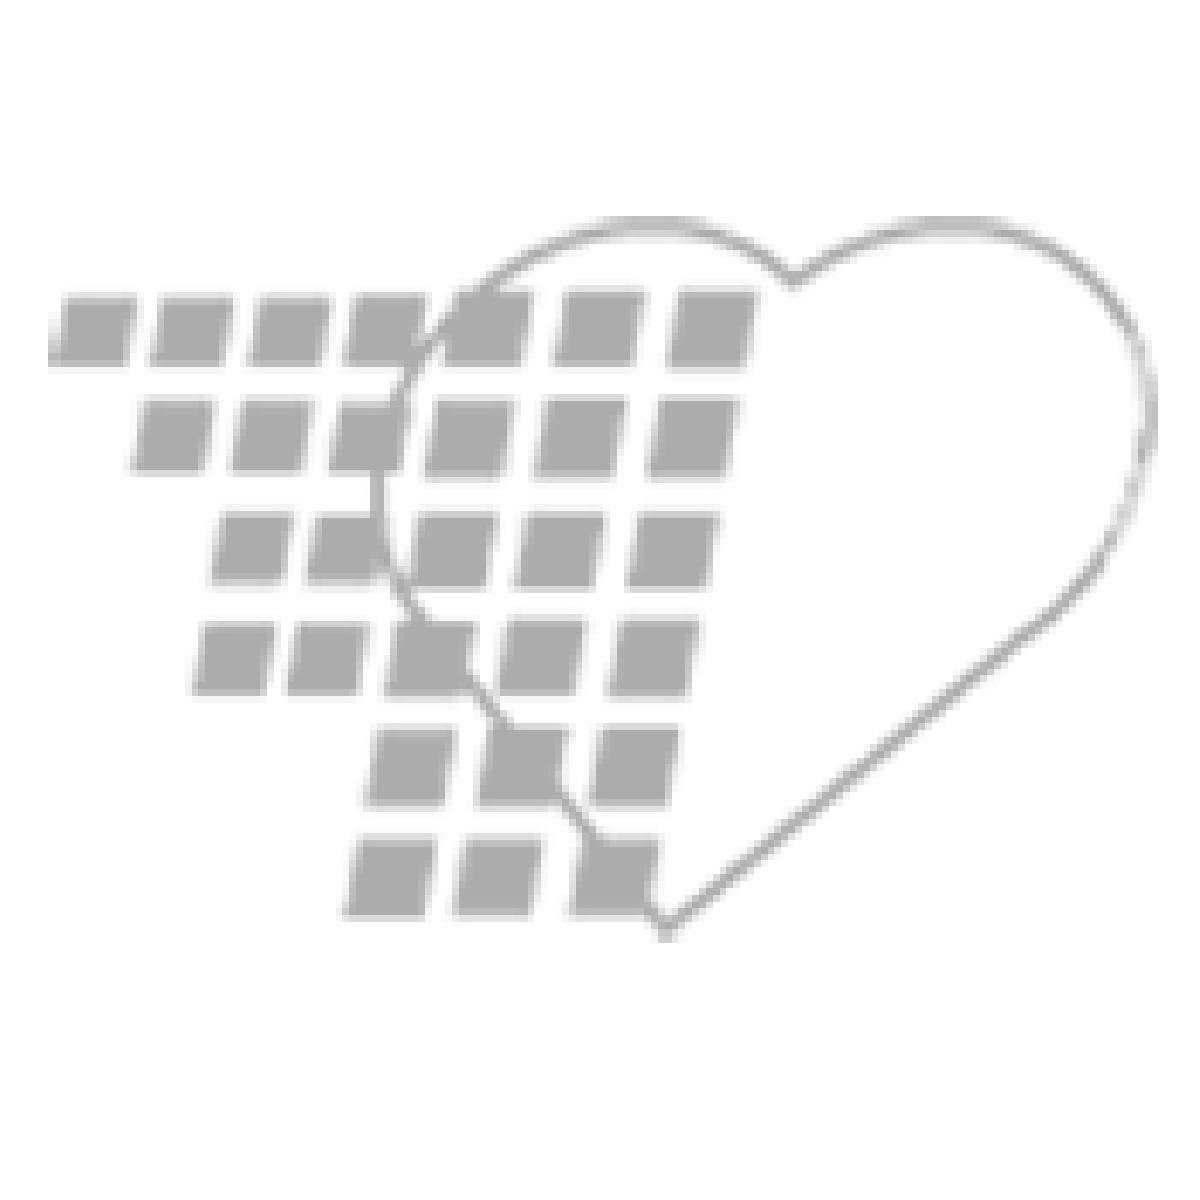 07-71-8516 Medical Air Flowmeter (DISS)